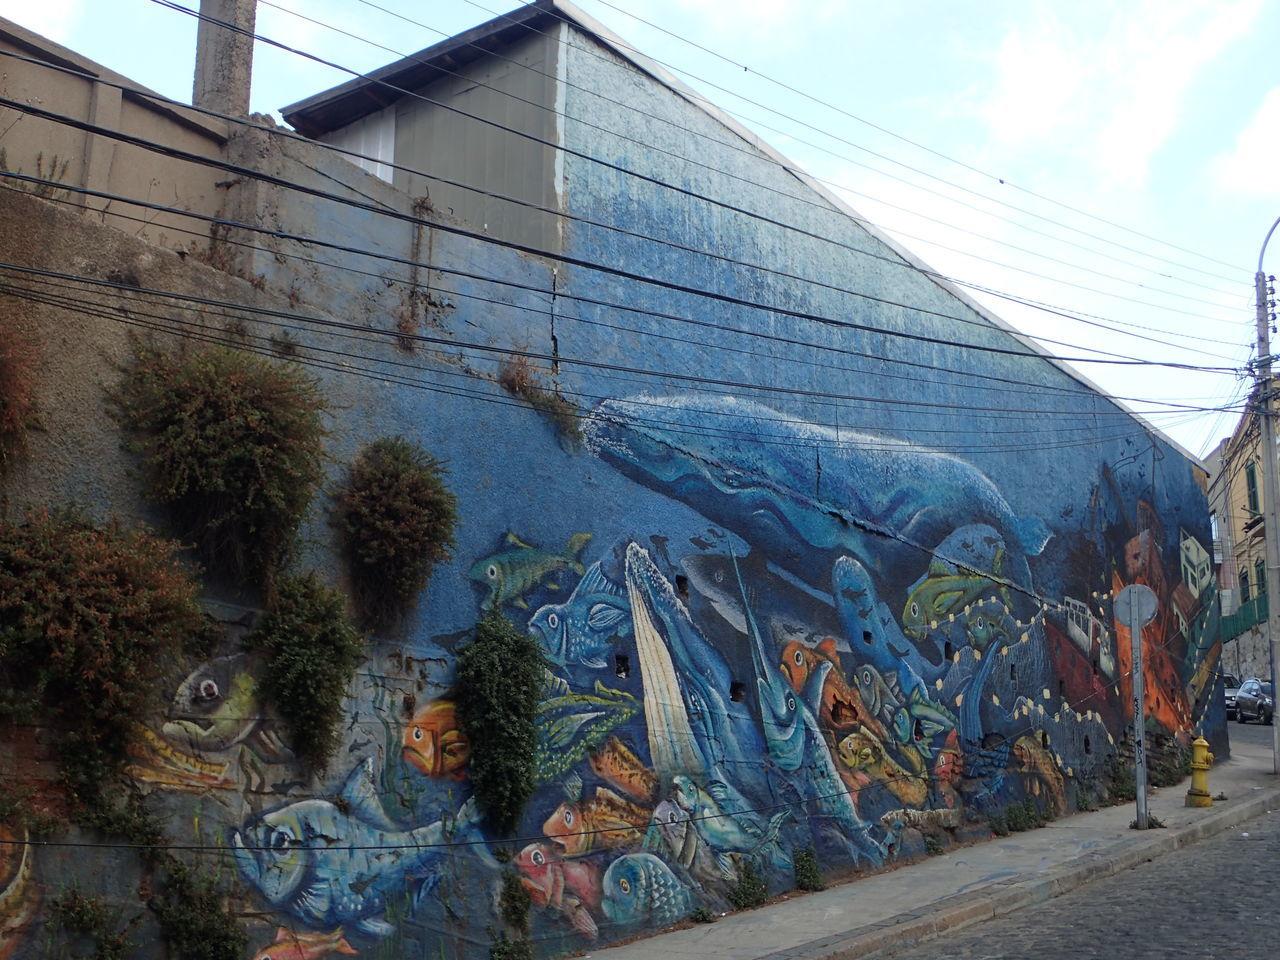 Streetart in Valparaiso, Chile